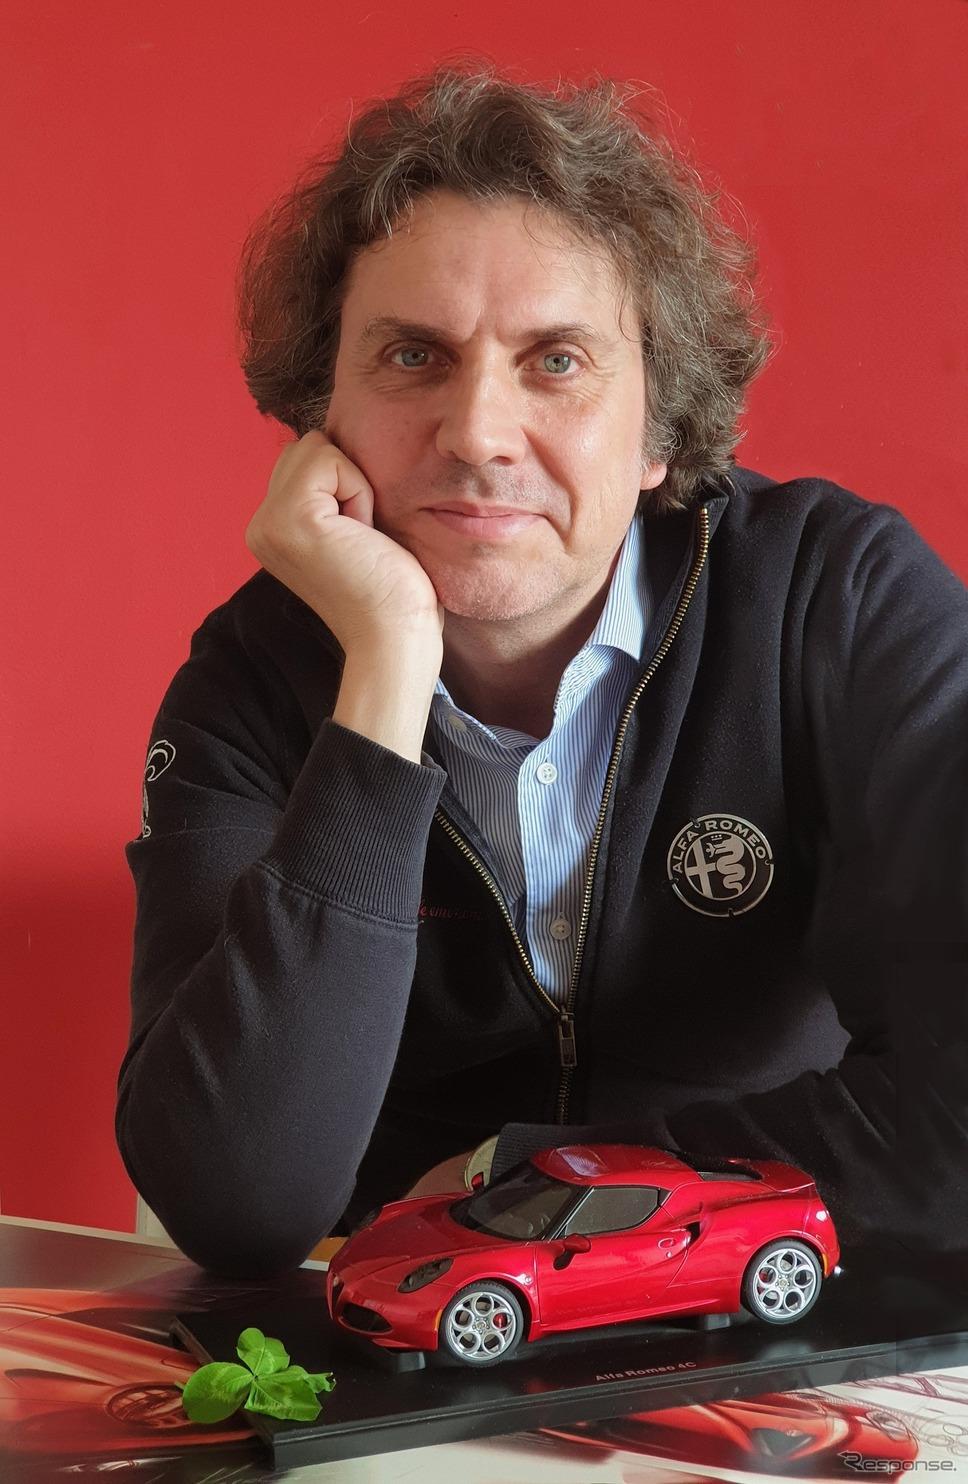 アルファロメオエクステリアデザインのチーフであるアレッサンドロ・マッコリーニ氏《写真提供  アルファロメオ》